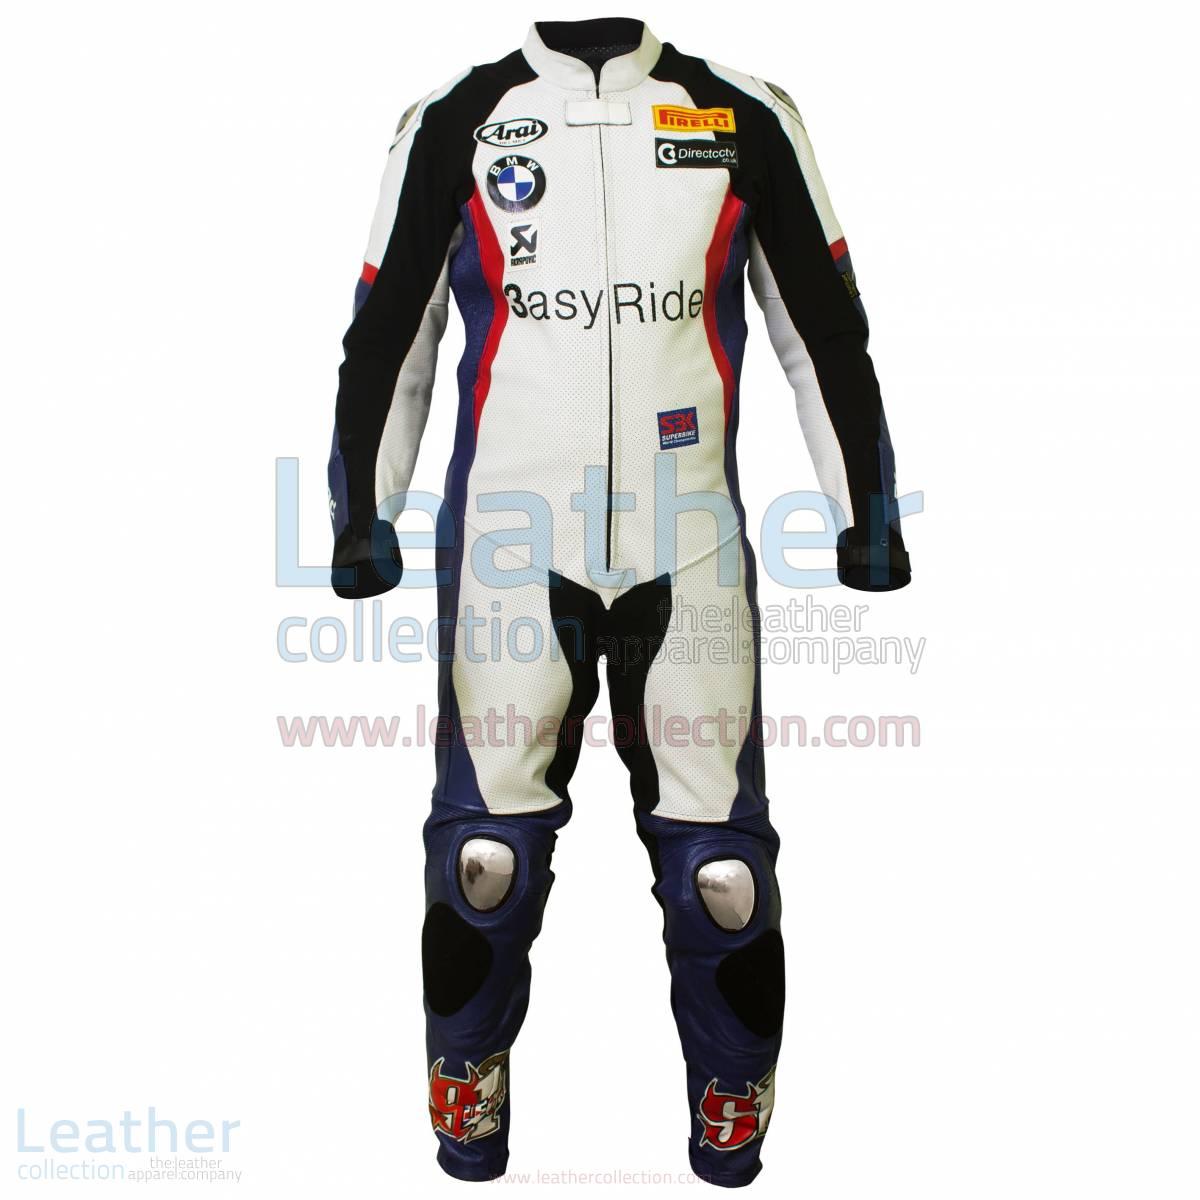 Leon Haslam BMW WSBK 2011 leathers